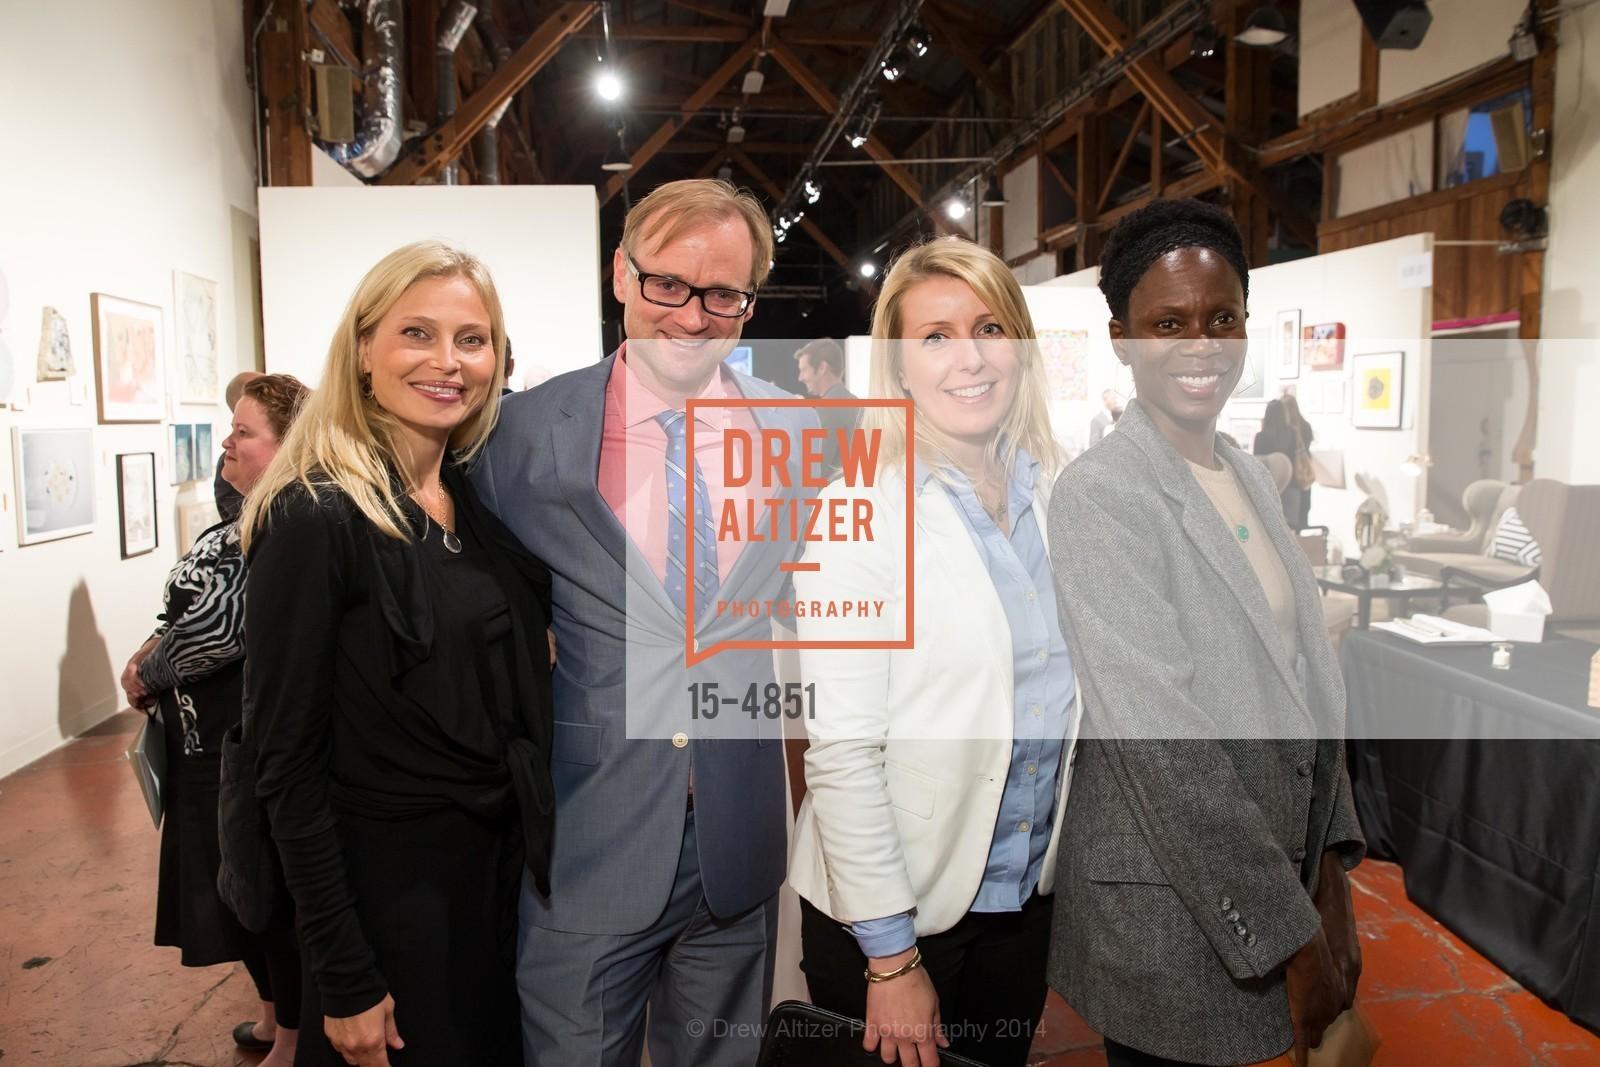 Dominque Forsberg, Casper Schuebbe, Kira Lyons, Lola Olazunjoye, Photo #15-4851